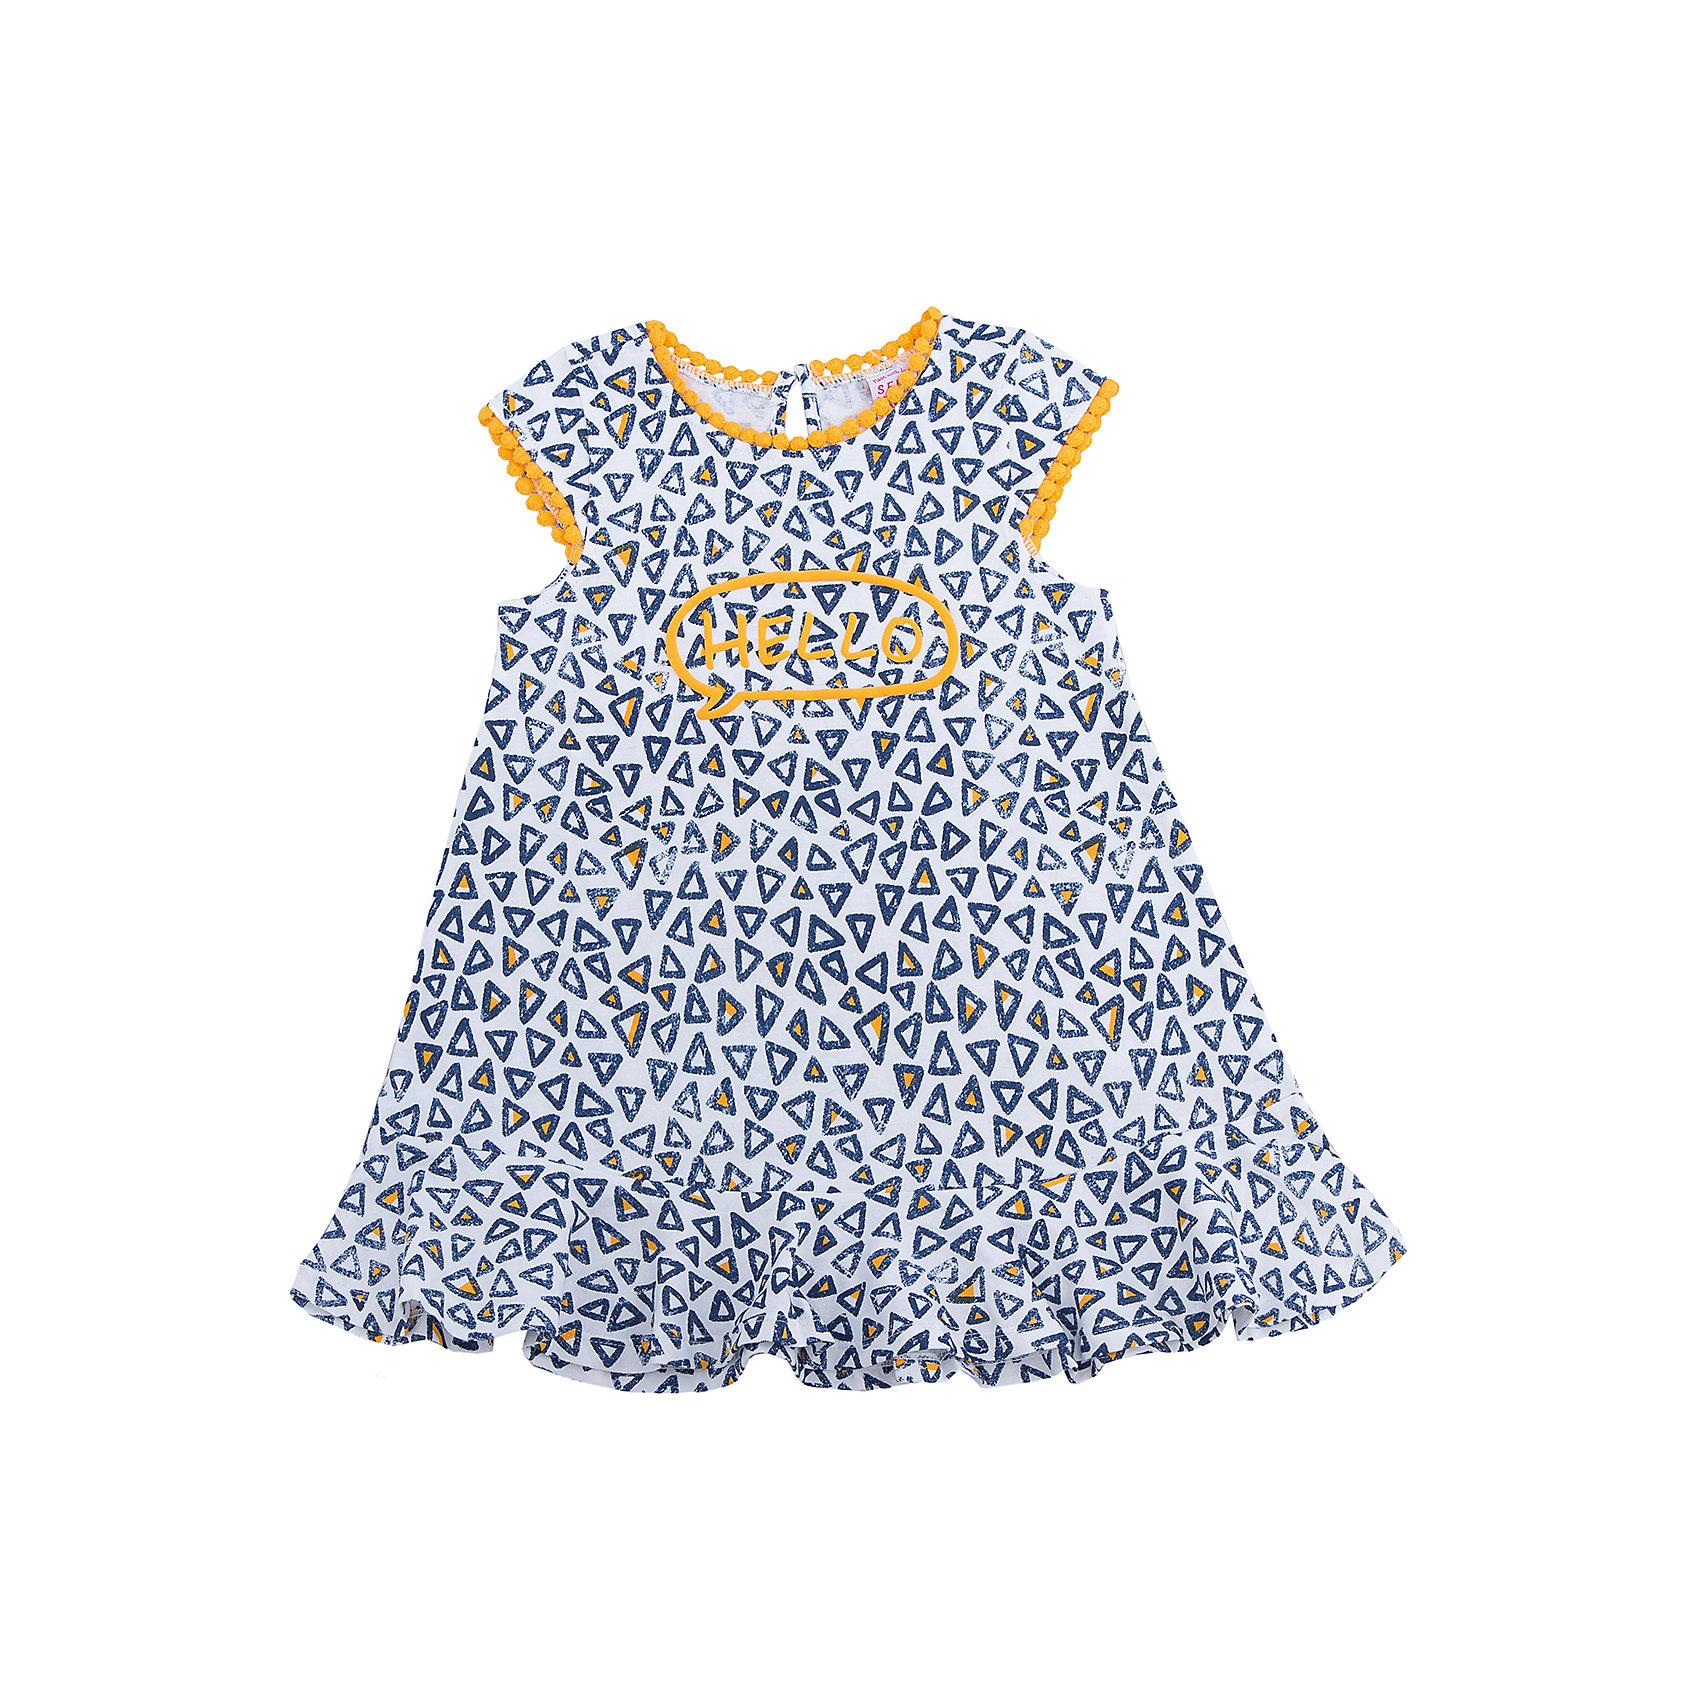 Платье для девочки SELAПлатья и сарафаны<br>Характеристики товара:<br><br>• цвет: синий<br>• сезон: лето<br>• состав: 100% хлопок<br>• принт<br>• длина выше колена<br>• корткие рукава<br>• страна бренда: Россия<br><br>В новой коллекции SELA отличные модели одежды! Это платье для девочки поможет разнообразить гардероб ребенка и обеспечить комфорт. Оно отлично сочетается с различной обувью.<br><br>Одежда, обувь и аксессуары от российского бренда SELA не зря пользуются большой популярностью у детей и взрослых! <br><br>Платье для девочки от популярного бренда SELA (СЕЛА) можно купить в нашем интернет-магазине.<br><br>Ширина мм: 236<br>Глубина мм: 16<br>Высота мм: 184<br>Вес г: 177<br>Цвет: желтый<br>Возраст от месяцев: 60<br>Возраст до месяцев: 72<br>Пол: Женский<br>Возраст: Детский<br>Размер: 116,92,98,104,110<br>SKU: 5305345